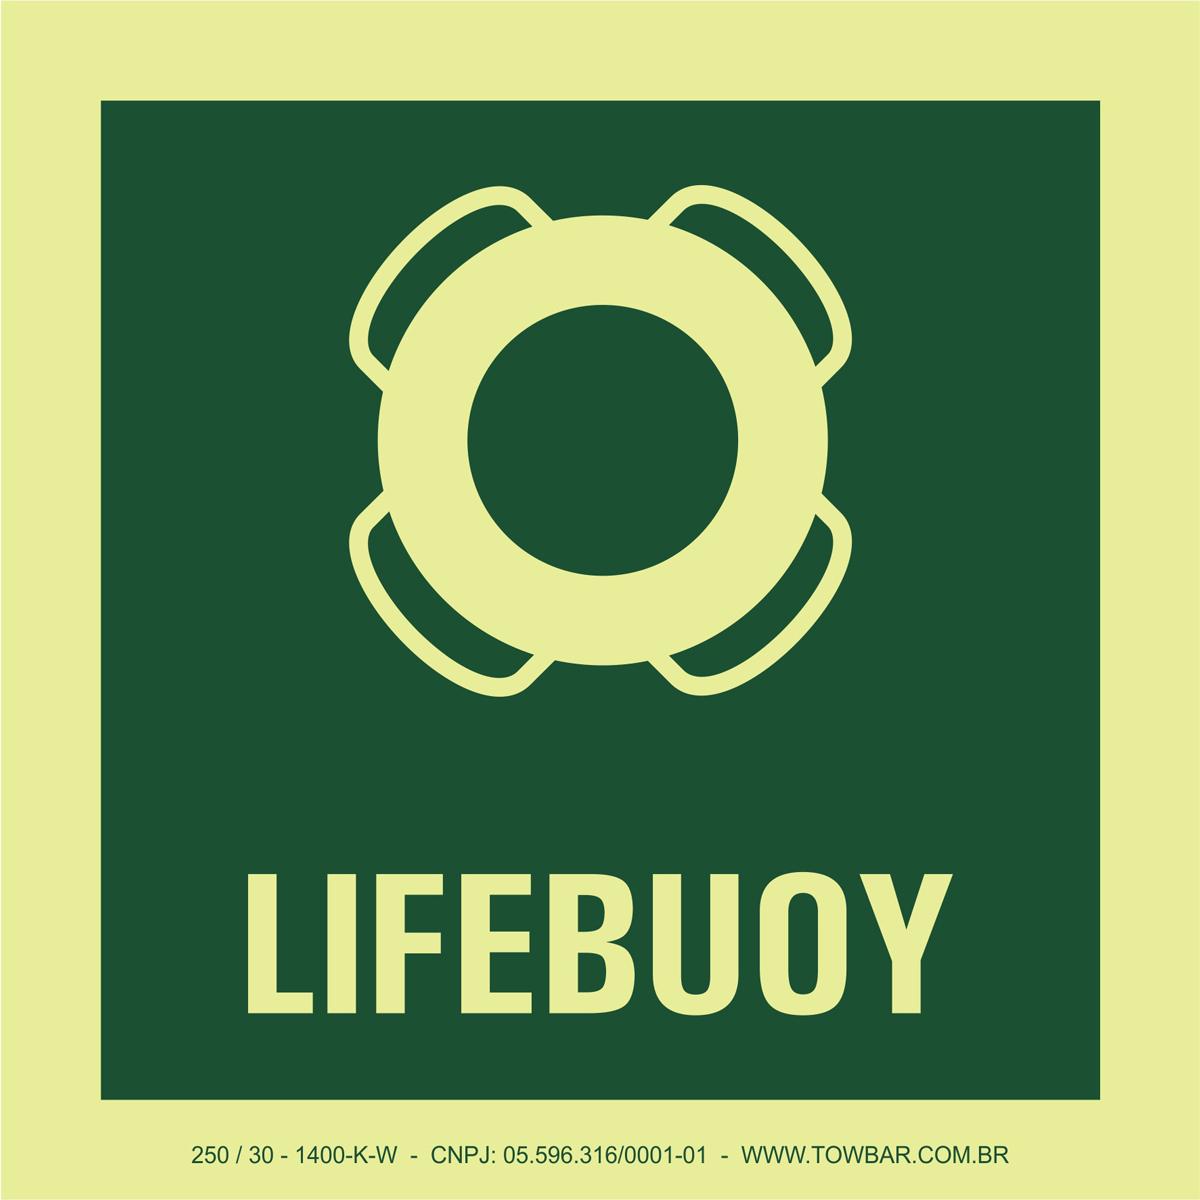 Bóia salva-vidas (Lifebuoy)  - Towbar Sinalização de Segurança